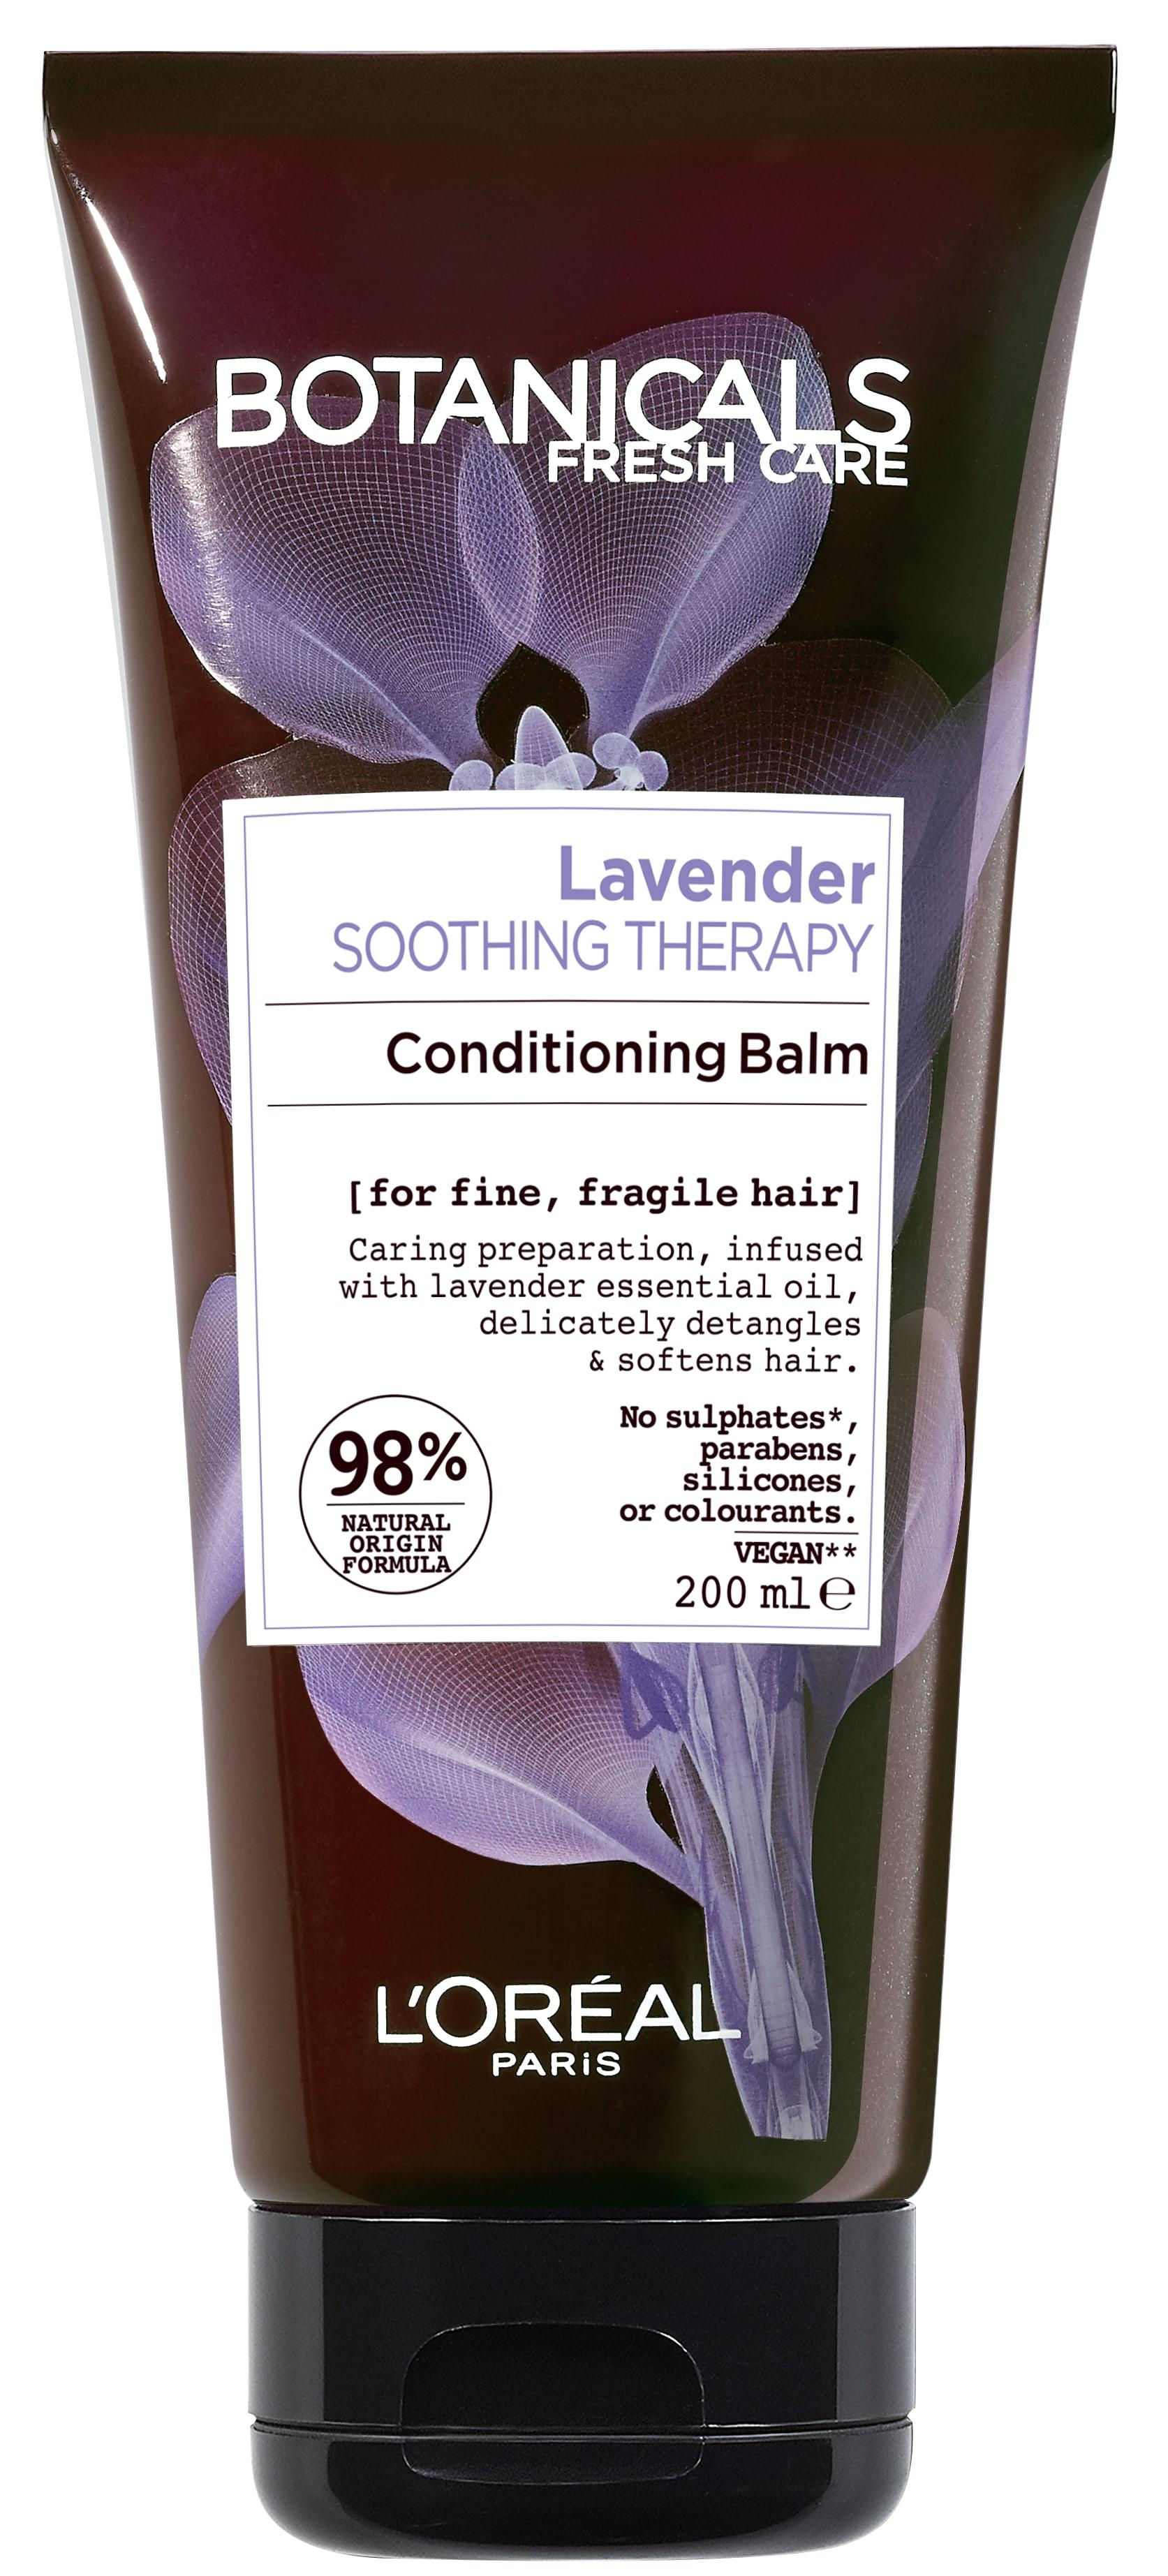 Botanicals Lavender Balsam